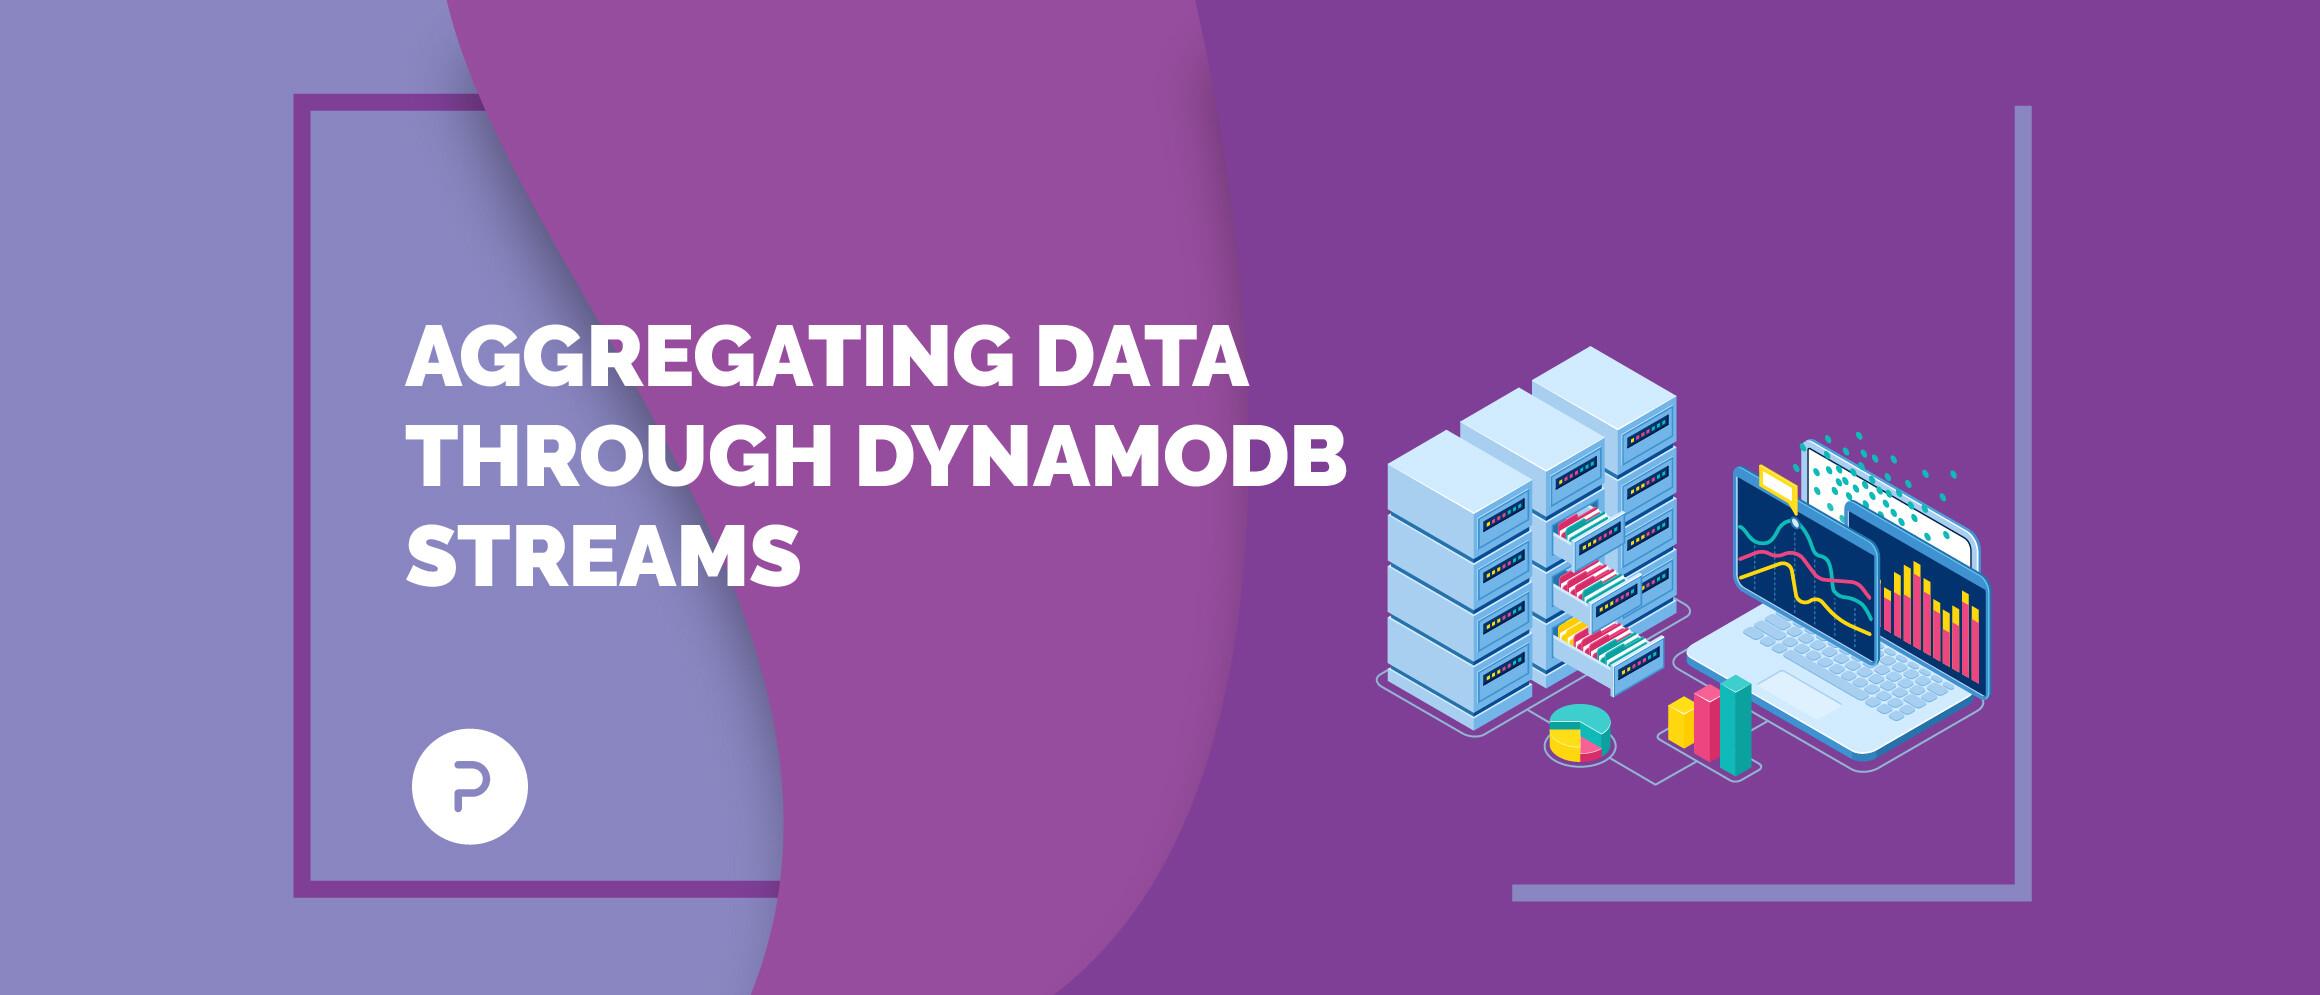 Aggregating Data through DynamoDB Streams